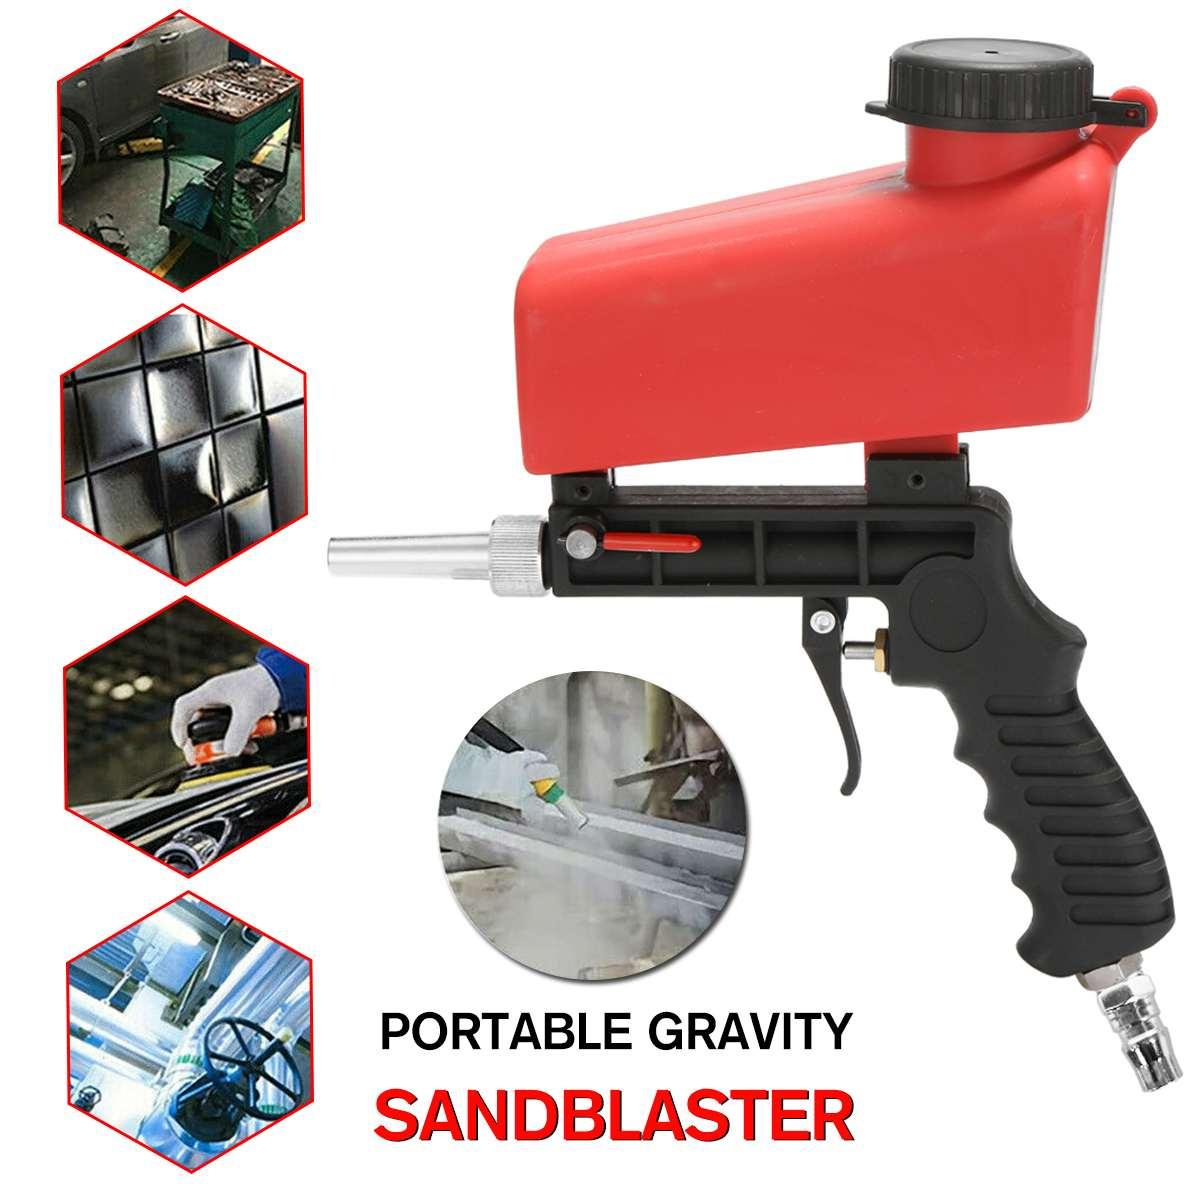 90psi Tragbare Schwerkraft Sandstrahlen Pistolen Aluminium Pneumatische Sandstrahler Spray Guns Sand Entfernung Strahlen Power Maschine